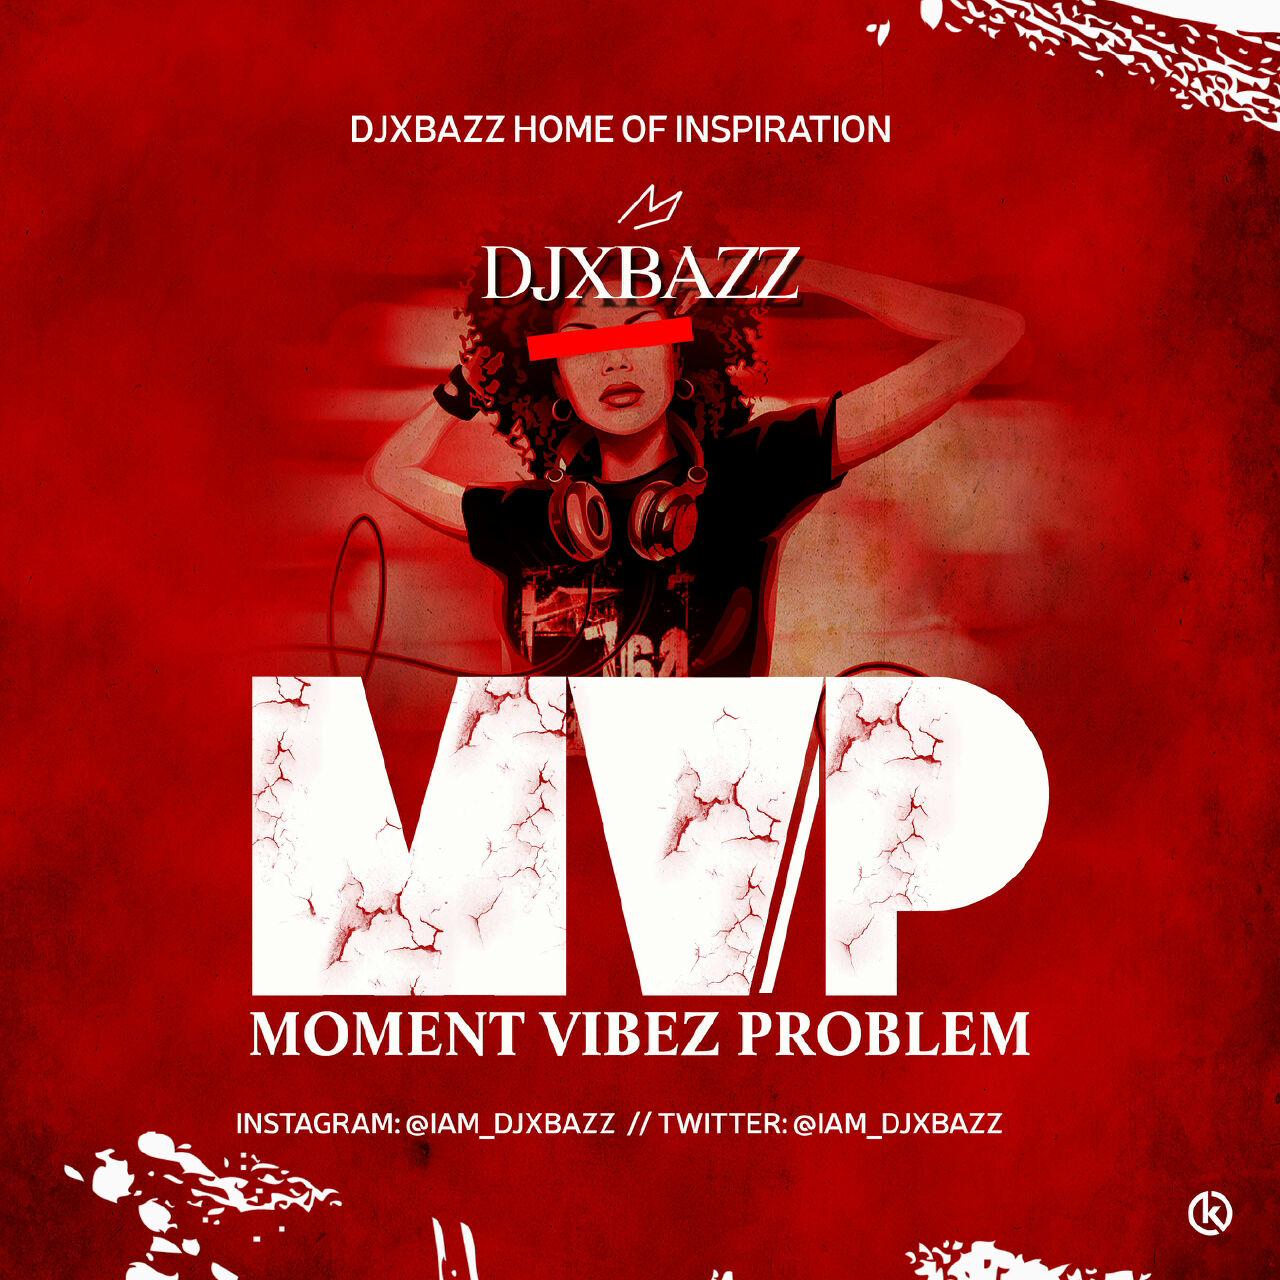 DJXBAZZ MOMENT VIBEZ PROBLEM-Afromixx